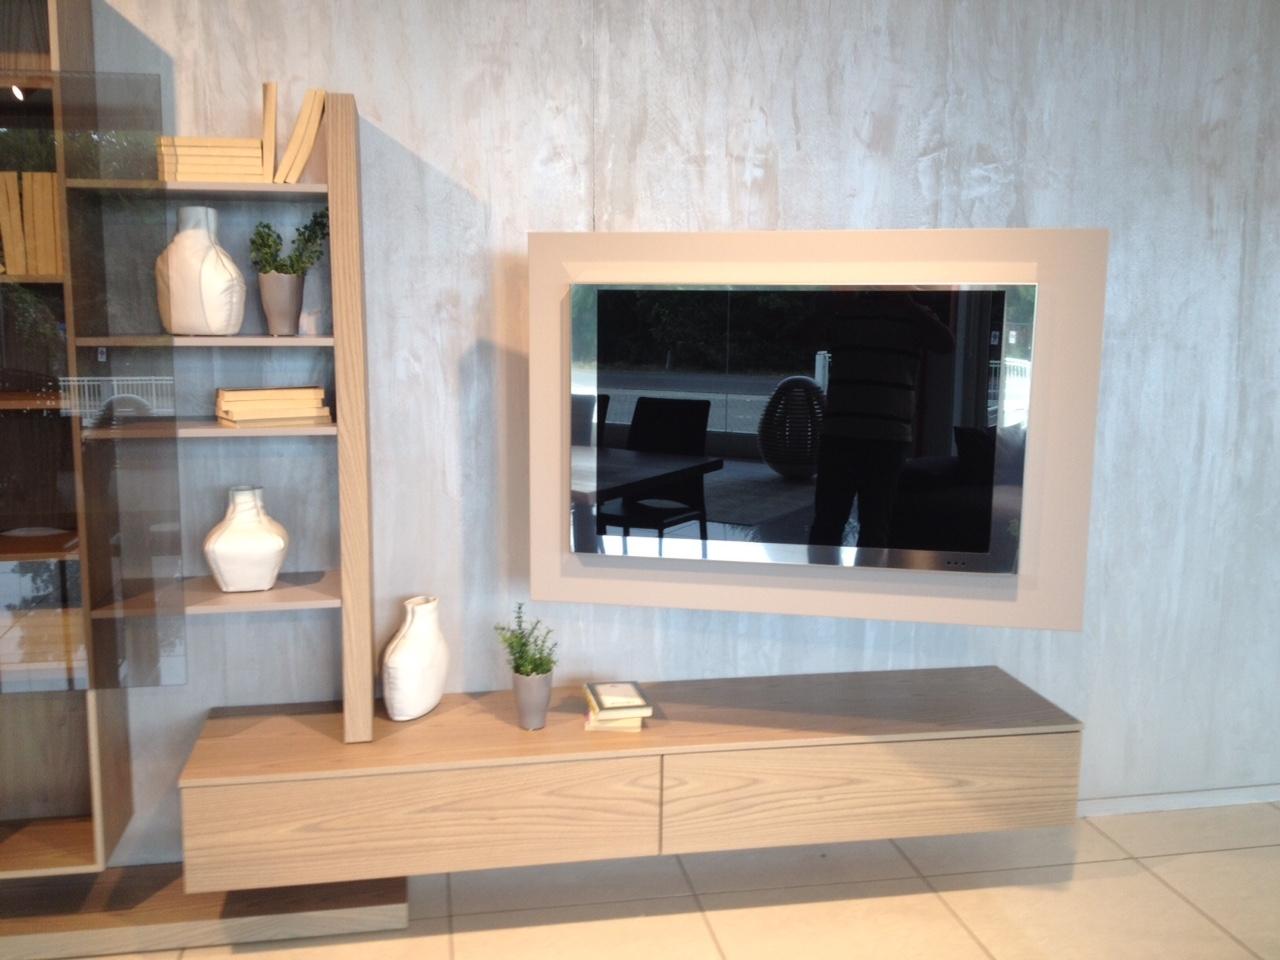 Soggiorno fimar completo di porta tv orientabile soggiorni a prezzi scontati - Soggiorno porta tv ...